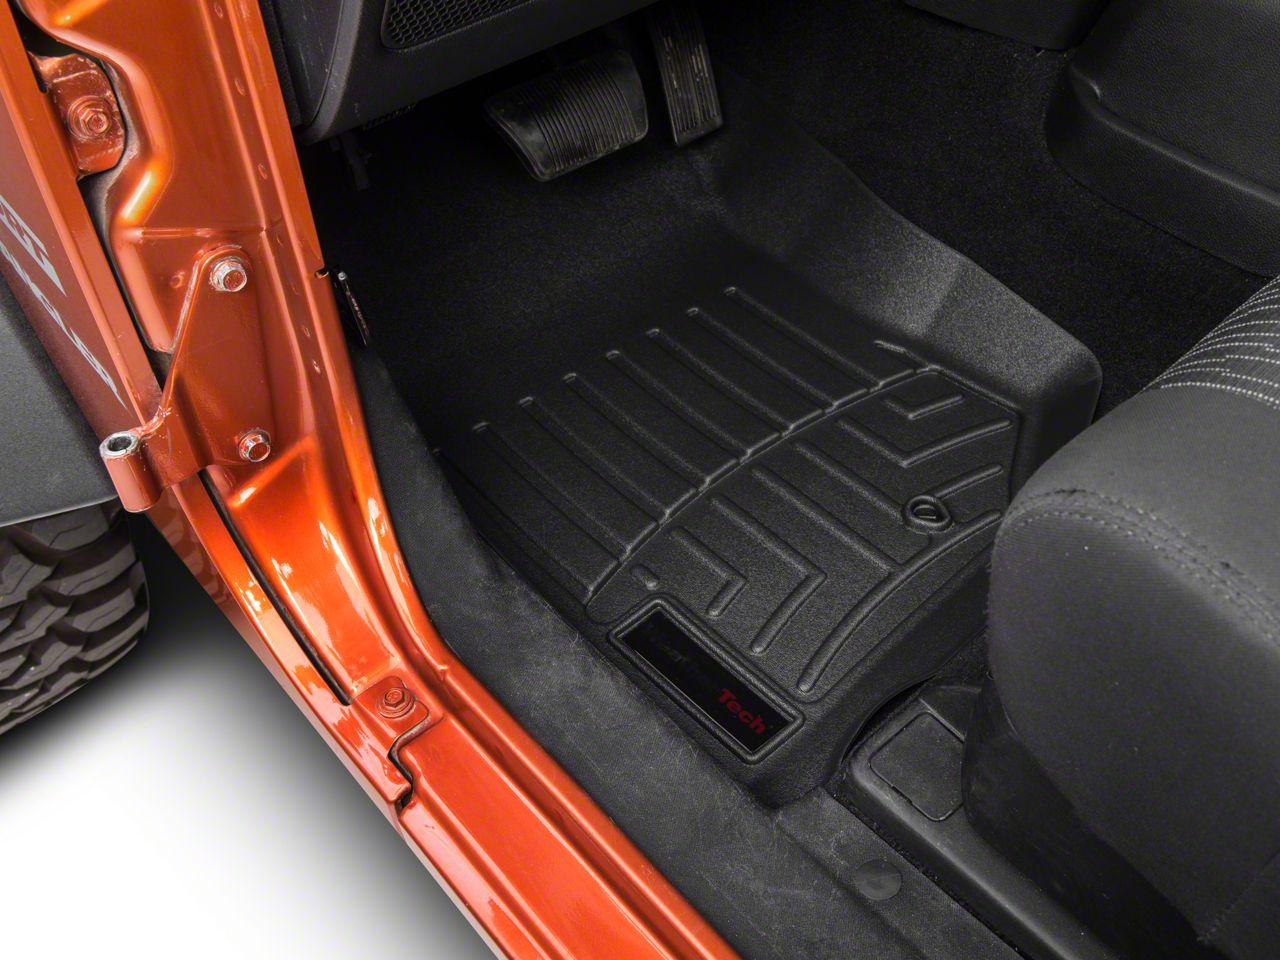 Weathertech DigitalFit Front Floor Liner - Black (07-13 Jeep Wrangler JK)